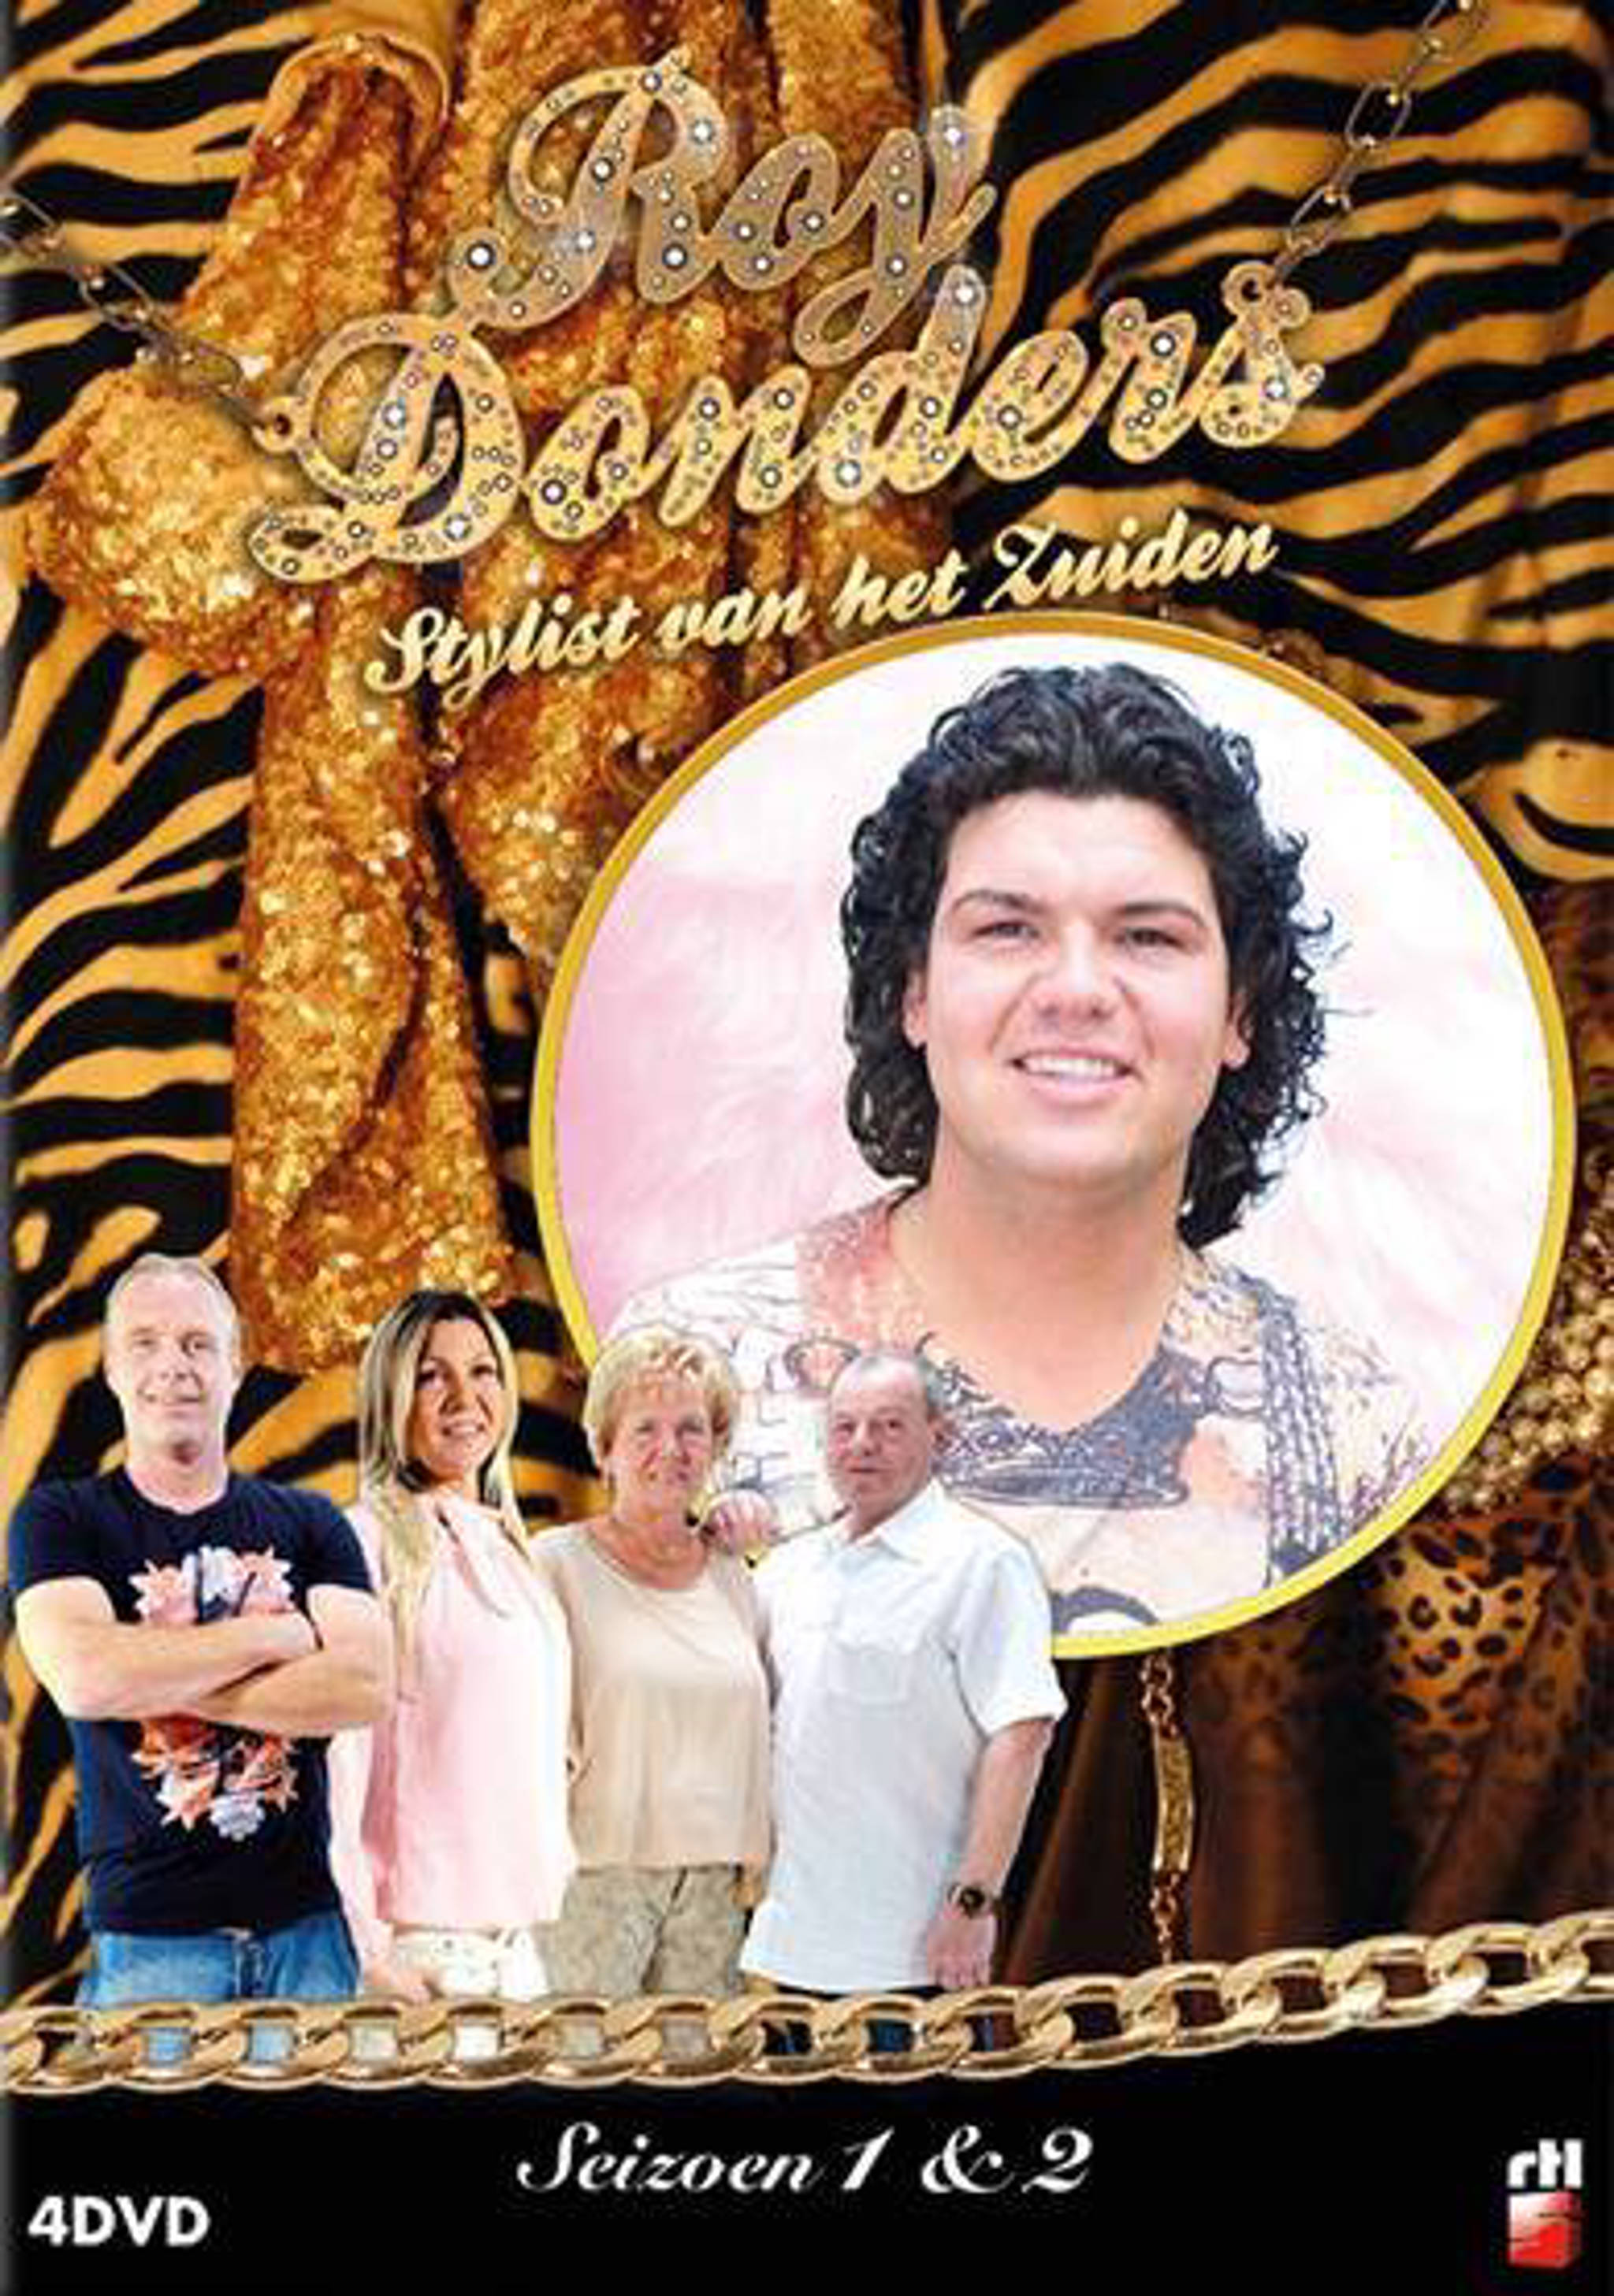 Roy Donders Stylist Van Het Zuiden Seizoen 1 Amp 2 Dvd Wehkamp